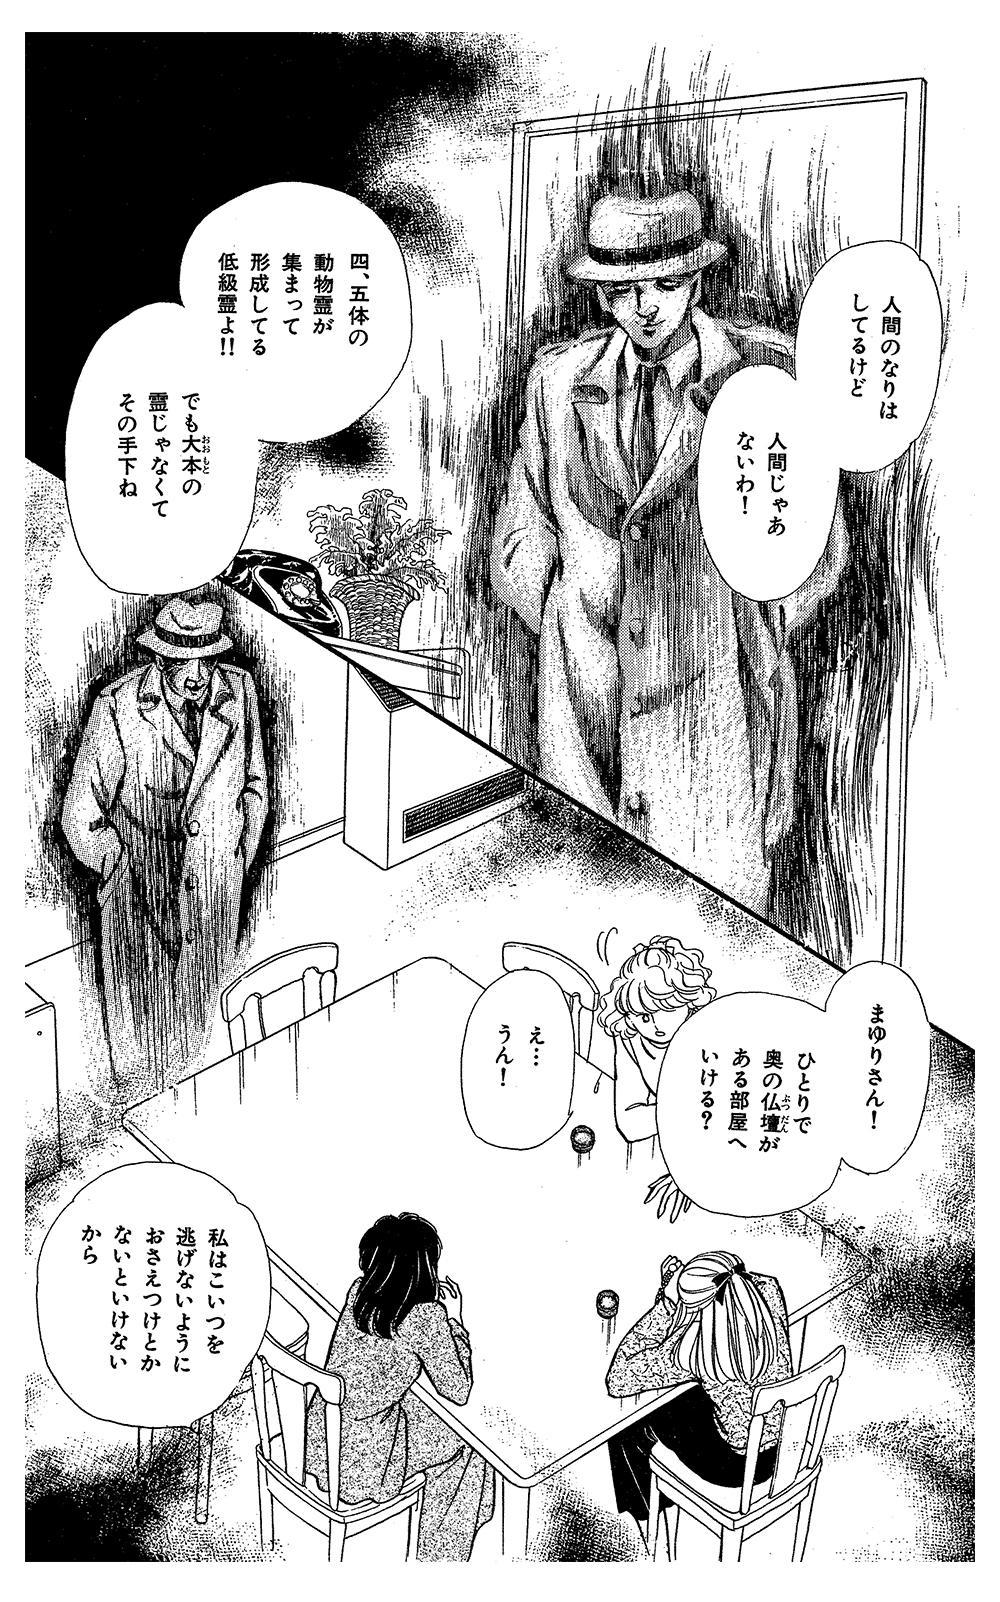 魔百合の恐怖報告  第2話「消えた黒猫」②mayuri08-05.jpg